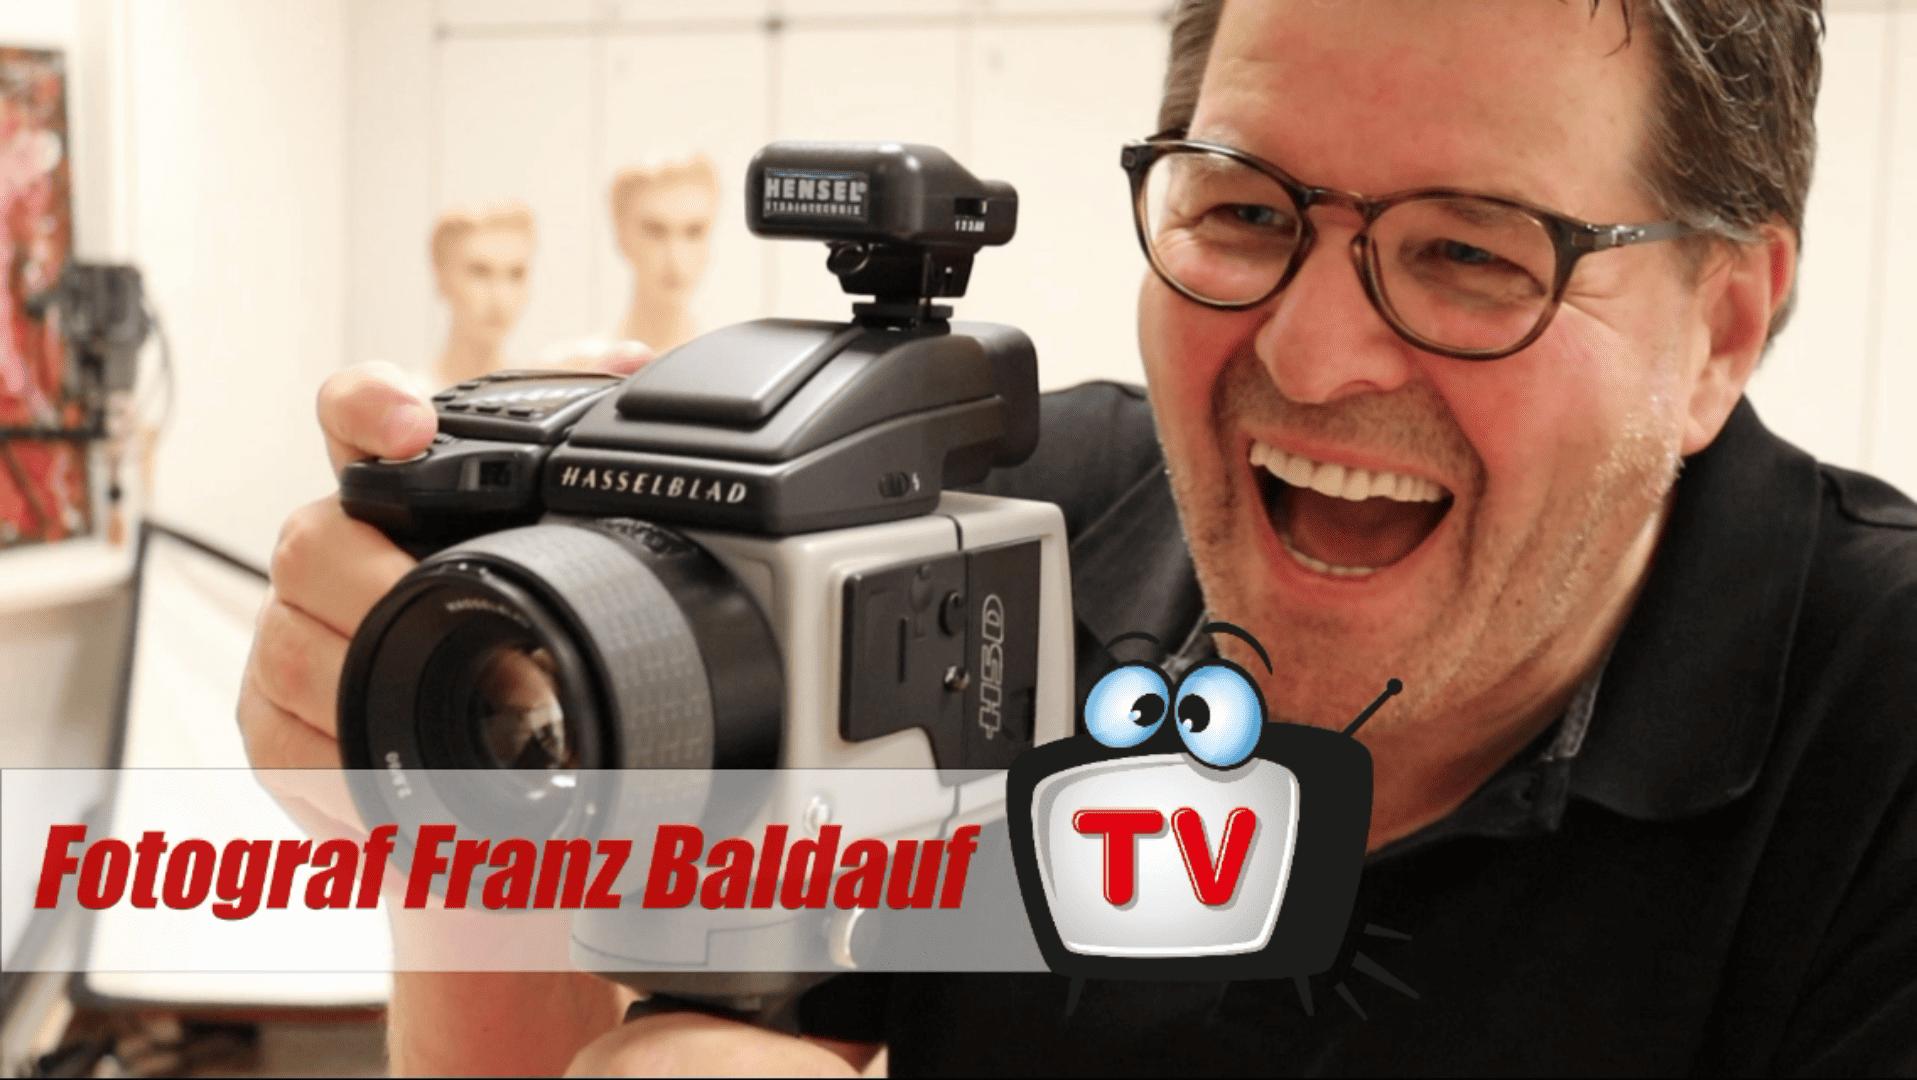 Fotograf-Franz-Baldauf